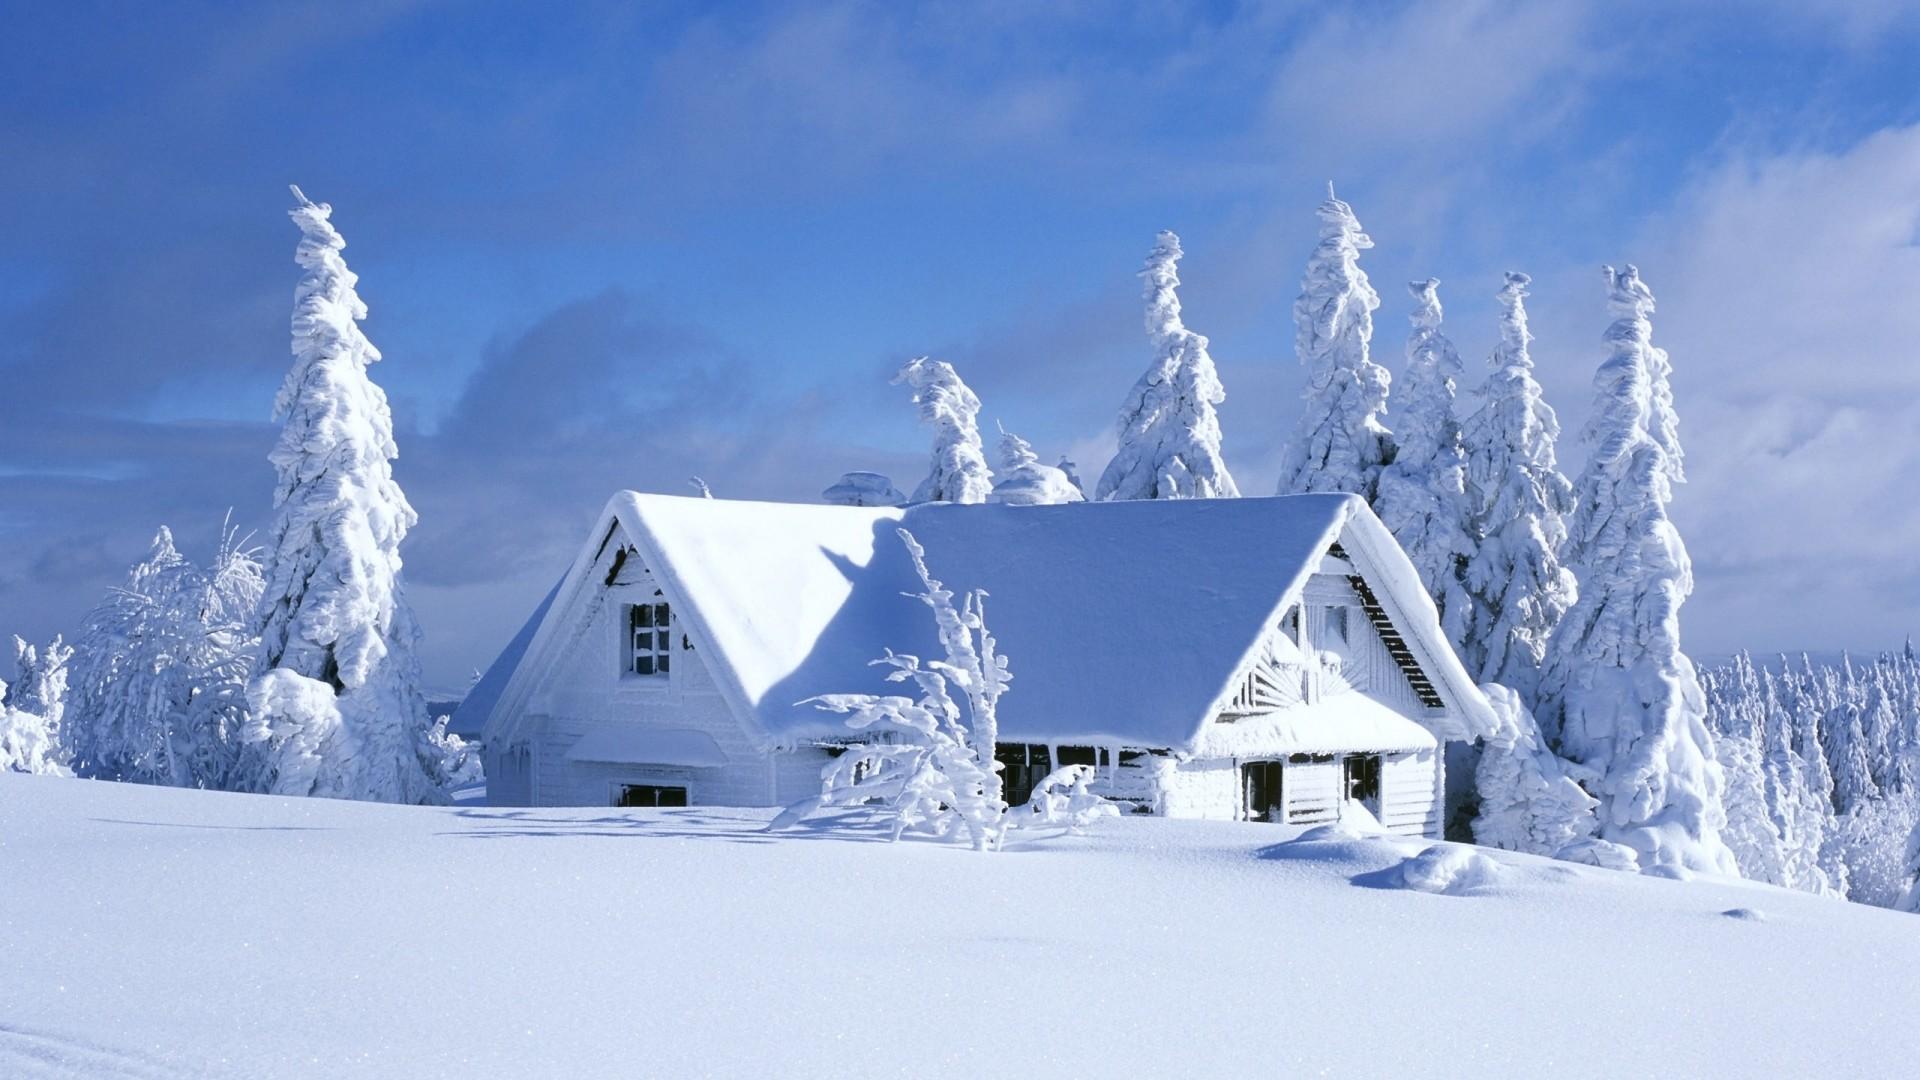 235 2358566 seasonal wallpaper for desktop background data src snow